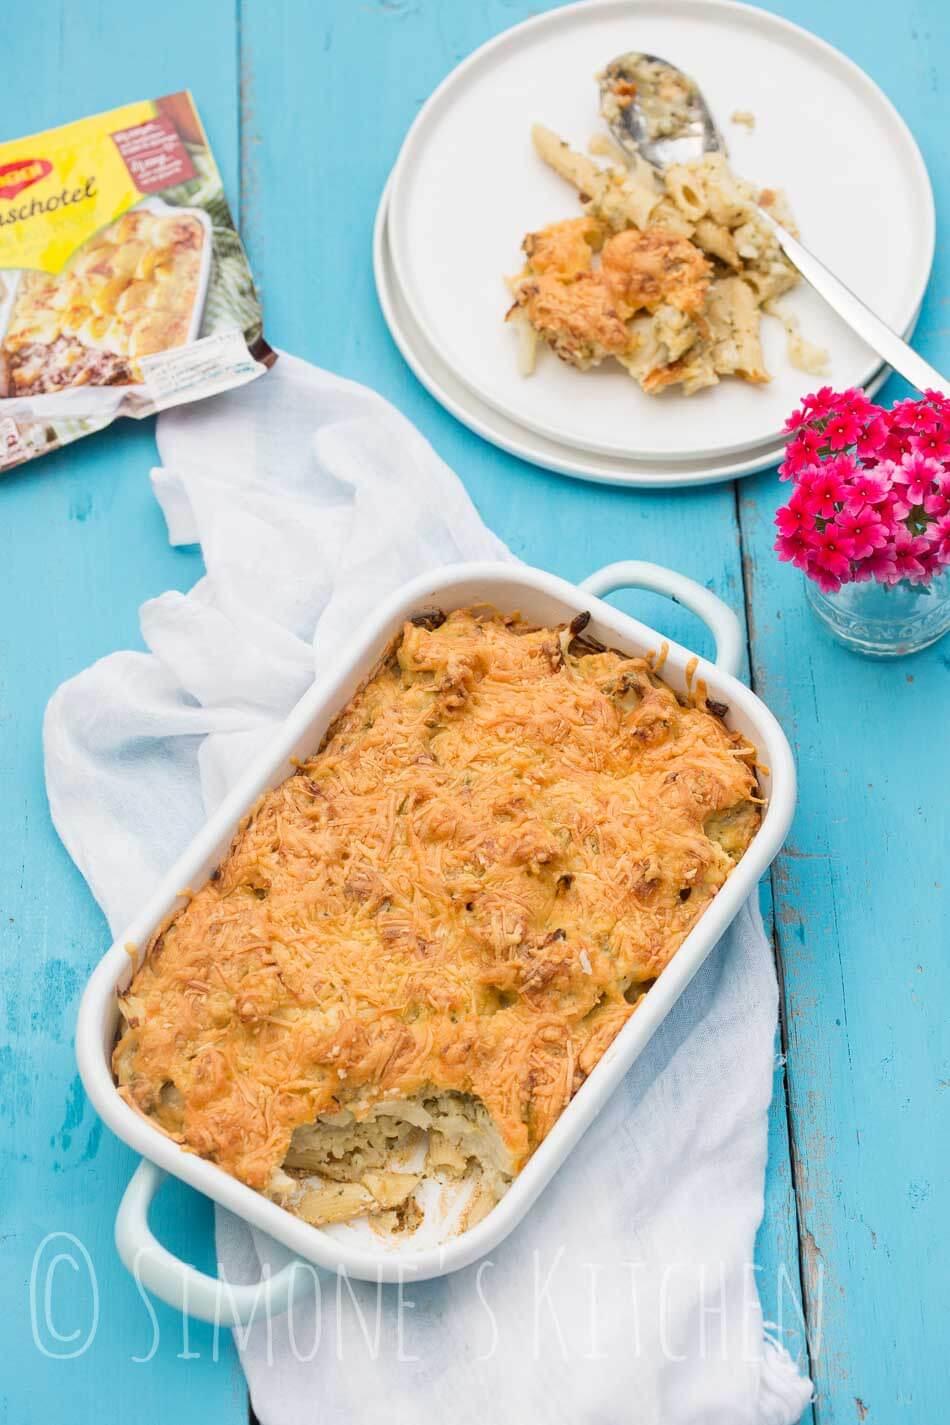 Bloemkool mac & cheese | insimoneskitchen.com